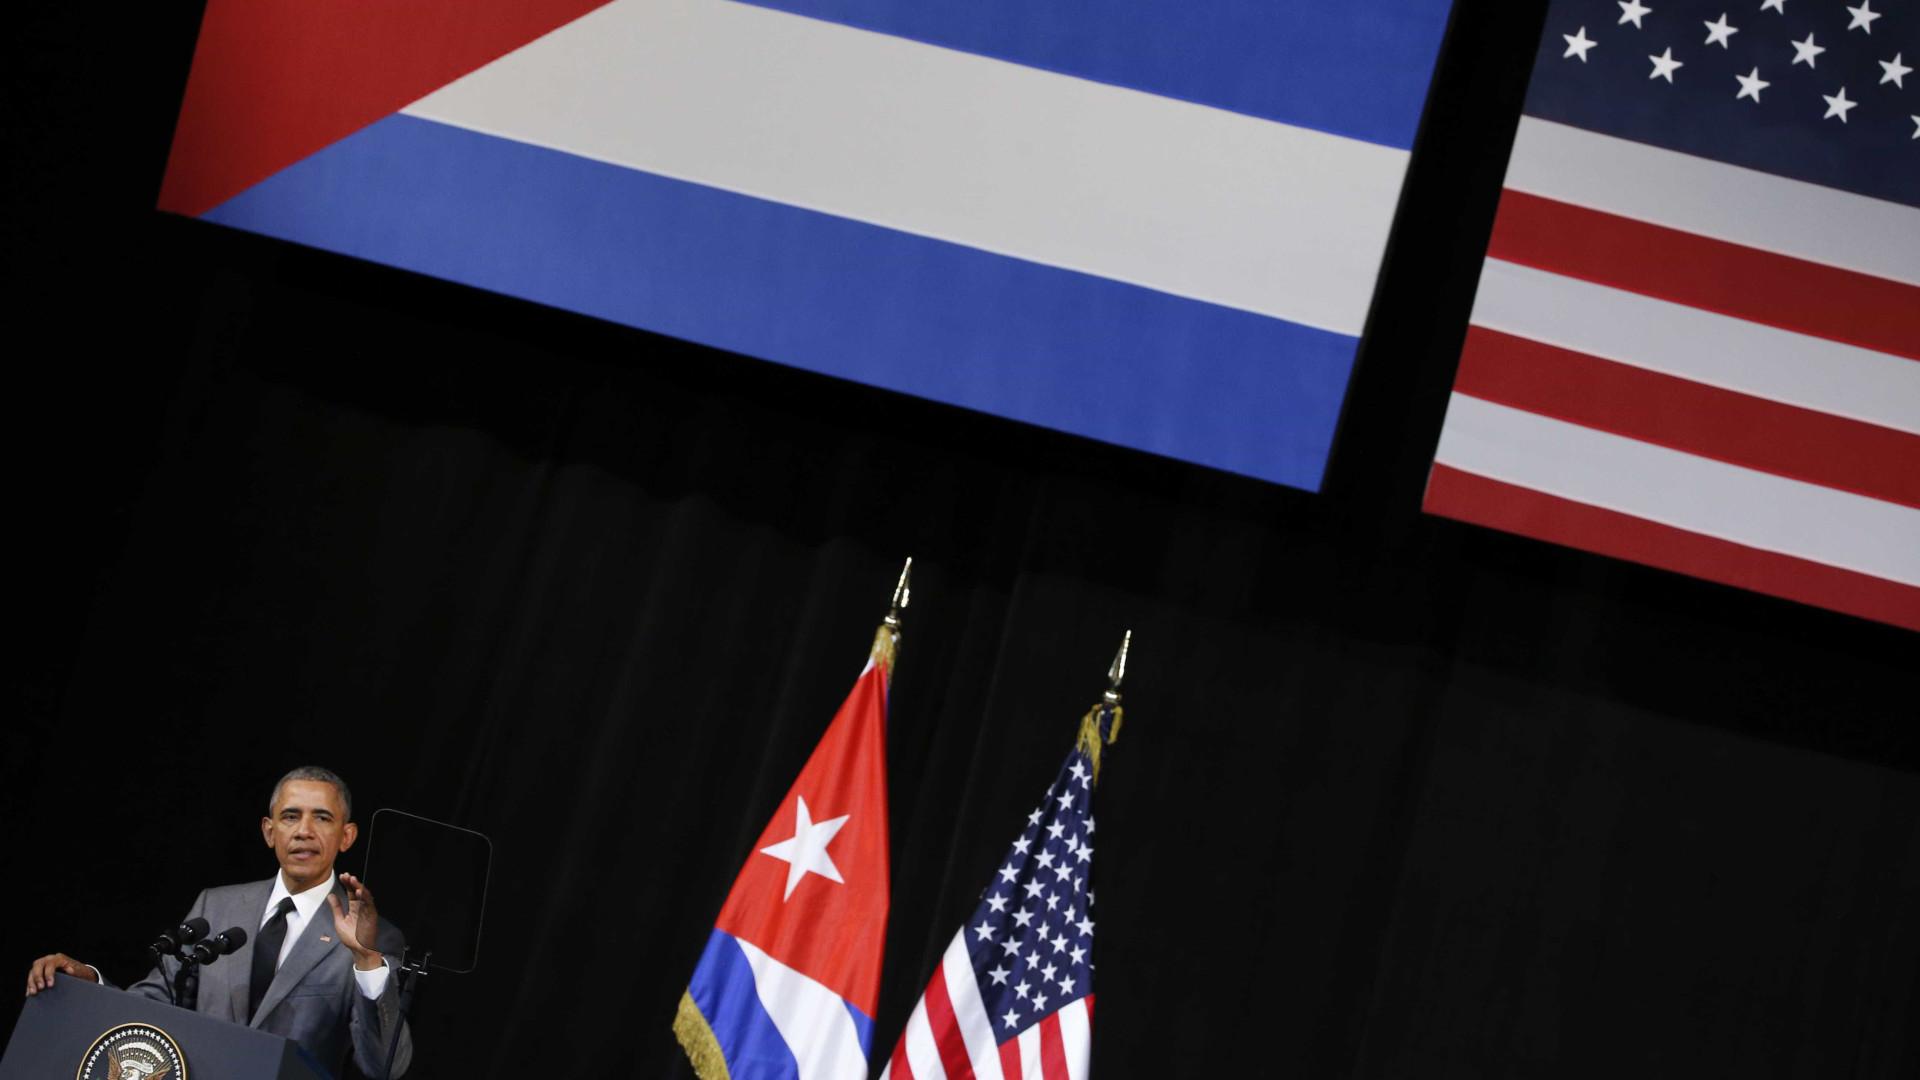 EUA multam empresas por violar bloqueio à Cuba